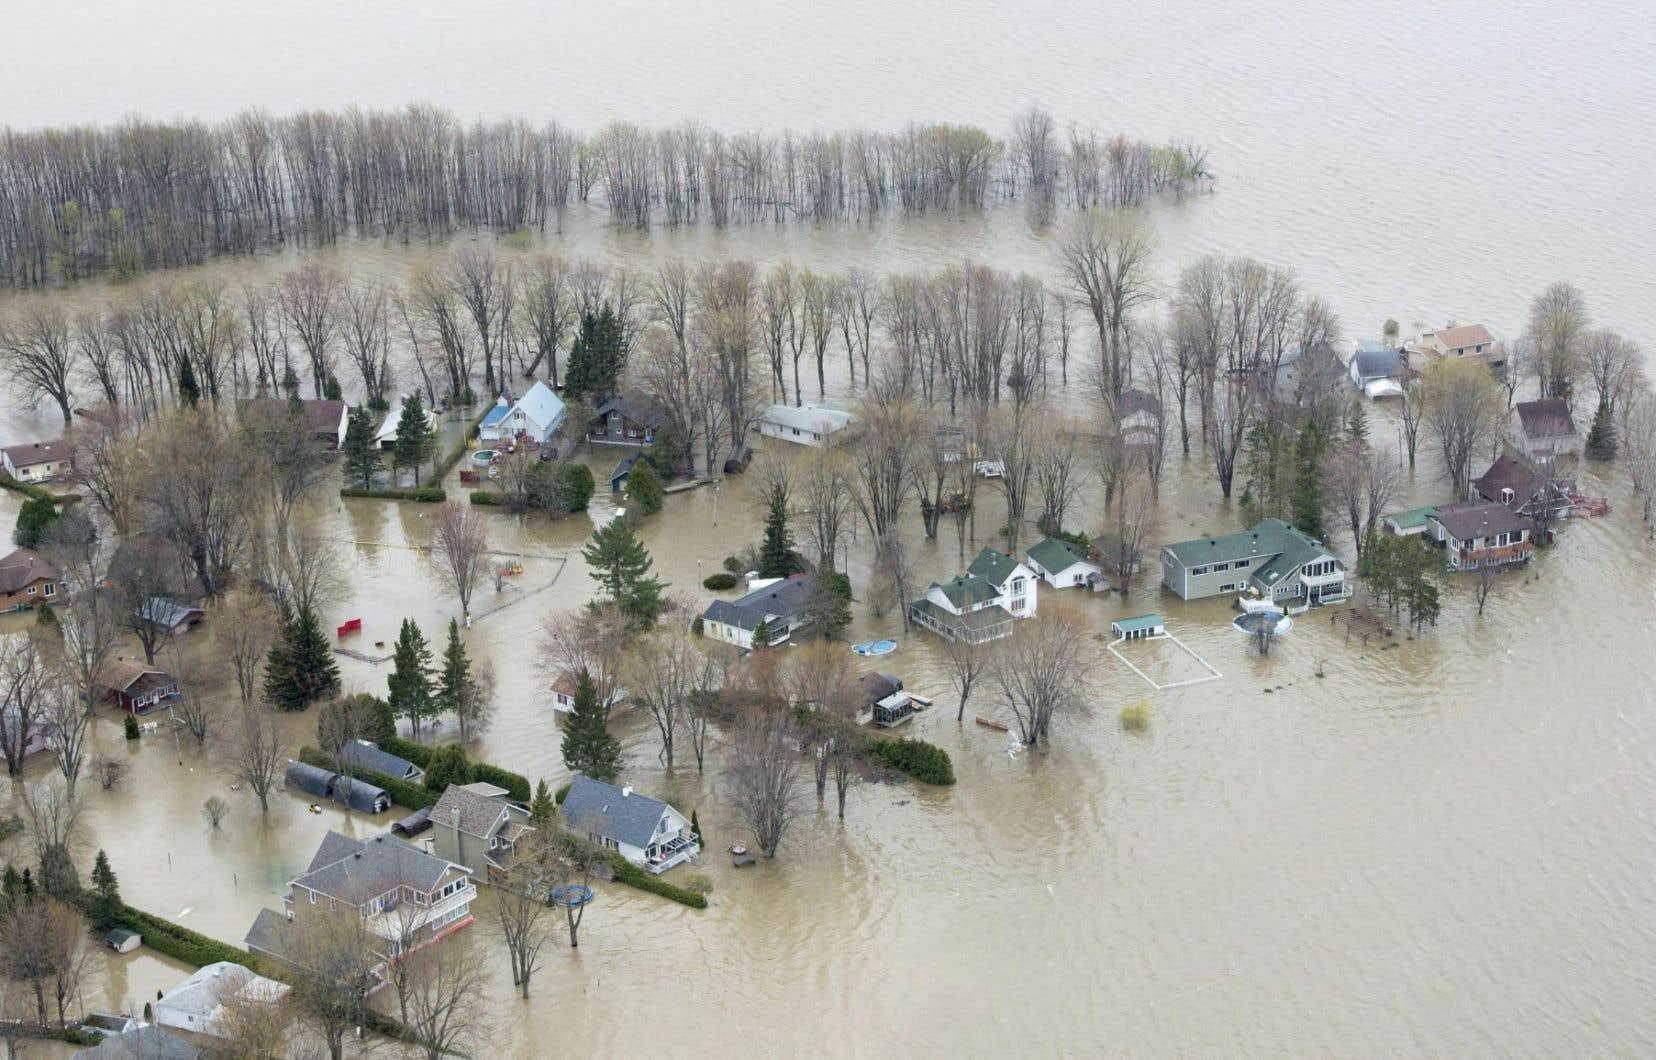 Le Parti québécois a invité le gouvernement à réfléchir sur l'augmentation de l'aide prévue pour les sinistrés.